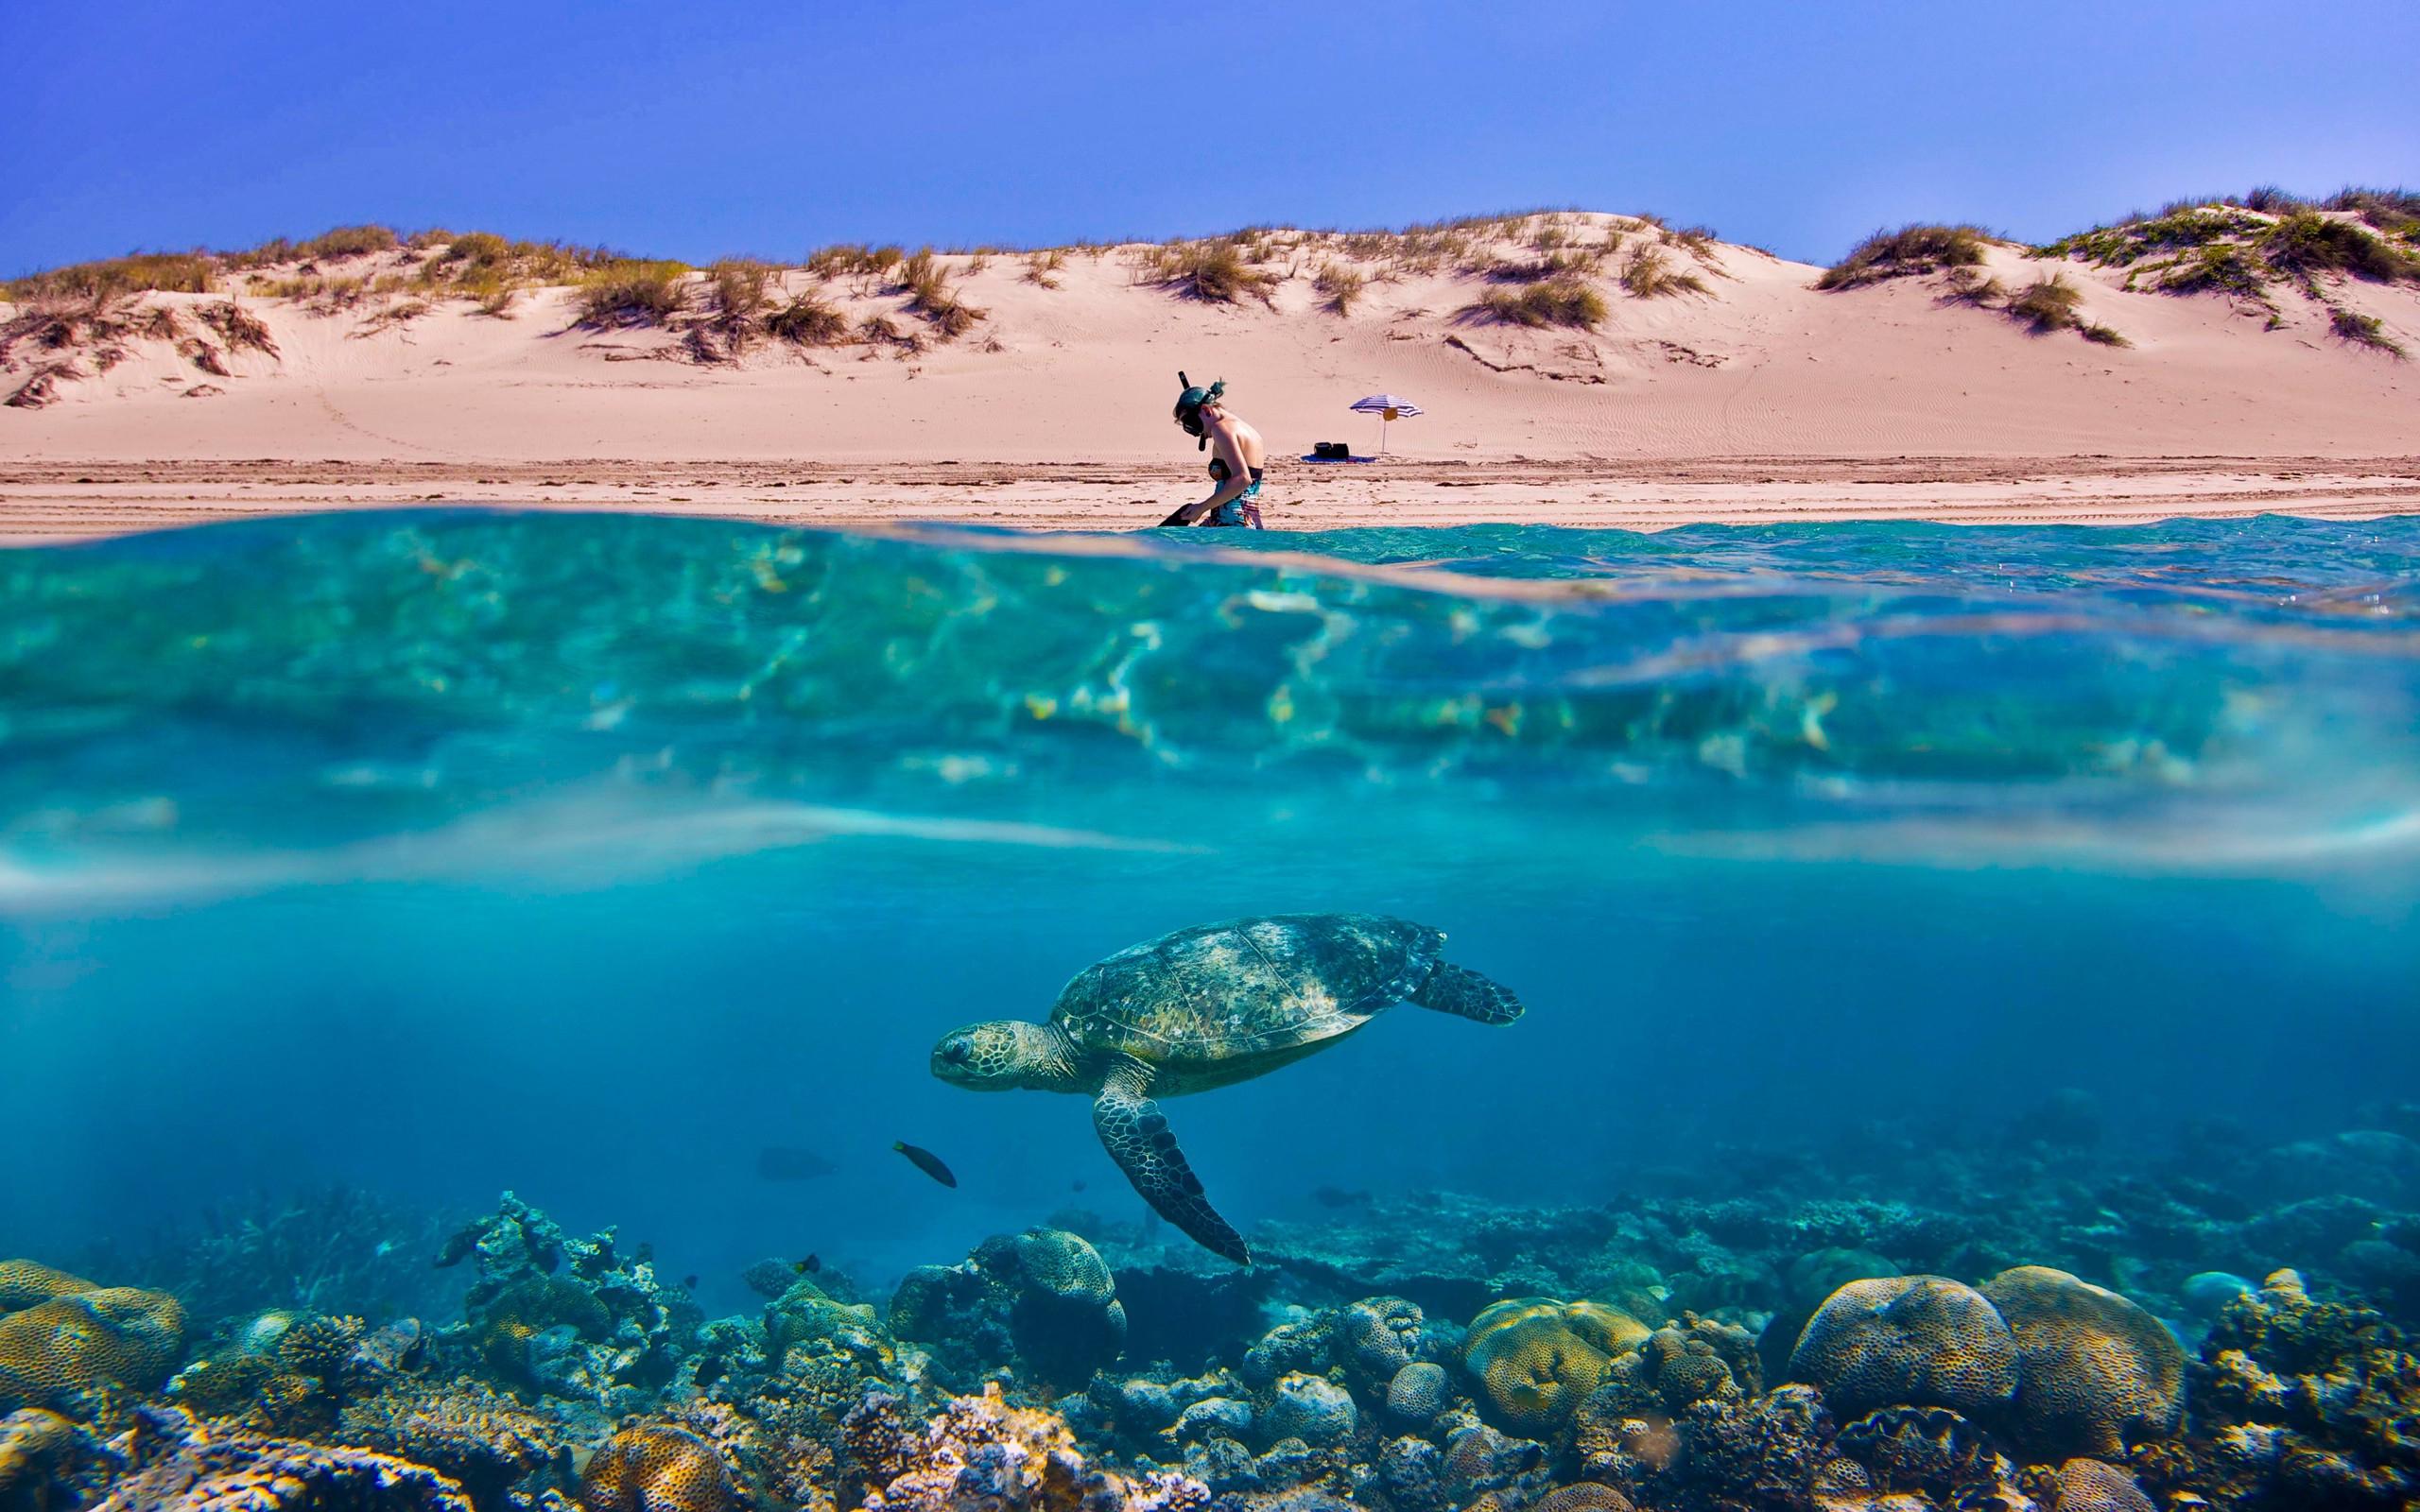 Turtle beach underwater